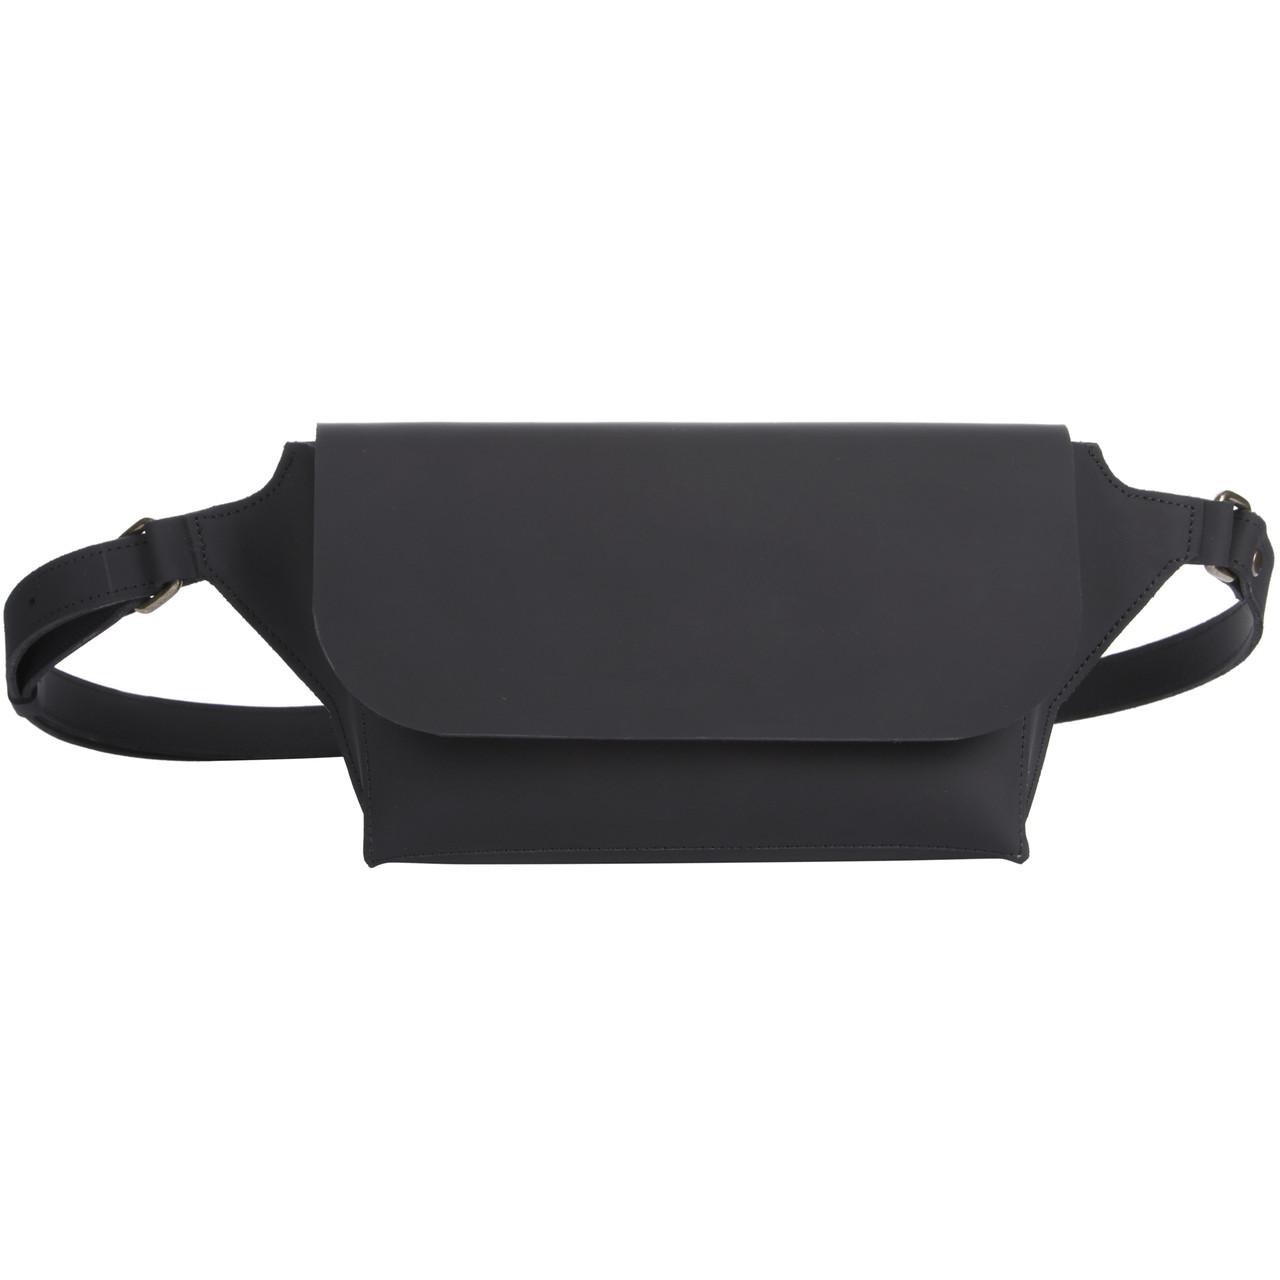 Поясная сумка из натуральной кожи Fil Filli Belt bag Black M (Them4521)